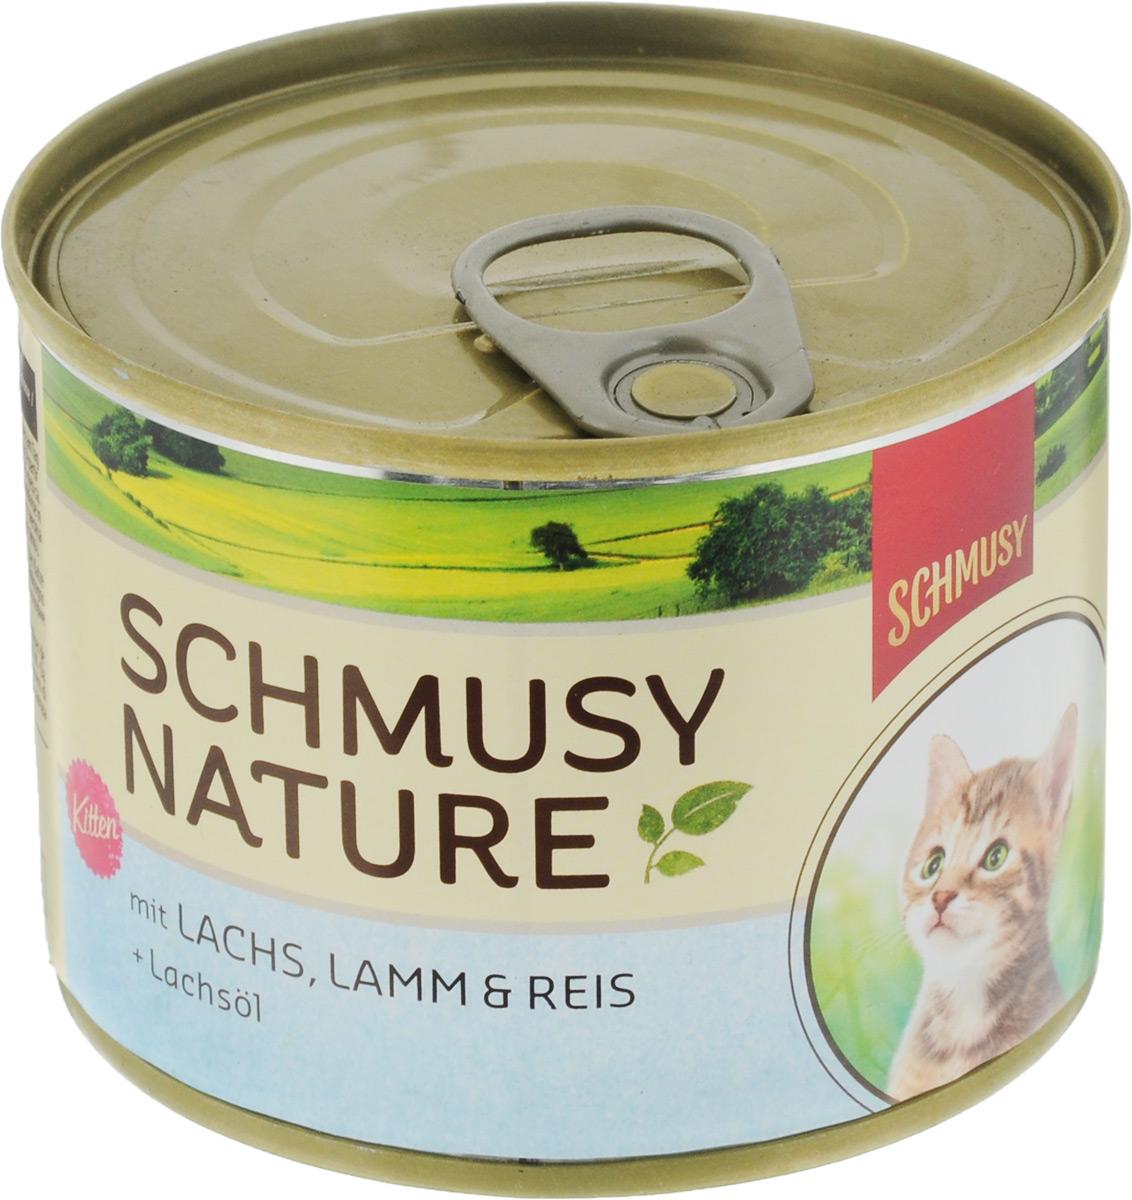 Консервы для котят Schmusy, с лососем и ягненком, 190 г70059Полнорационный корм Schmusy из натуральных ингредиентов создан в соответствии с потребностями в питании кошек. Содержит кусочки высококачественного, экологически чистого мяса, а вкусные добавки довершают натуральную рецептуру. Вкуснейшее меню обогащено сбалансированной смесью минеральных веществ, витаминов, таурином, а также рыбьим жиром для здорового роста и развития котенка. Щадящая обработка сохраняет максимум полезных веществ. Не содержит сою, красителей, консервантов. Состав: отборное мясо ягненка 20%, лосось 10%, легкое, печень, субпродукты, рис 4%, рыбий жир 0,5%, минеральные вещества. Гарантированный анализ: белое - 11%, жир - 6,5%, клетчатка - 0,3%, зола - 2%, влажность - 78%. Витамины и минералы: витамин E - 89 мг/кг, витамин B1 -24 мг/кг, витамин B6 - 6 мг/кг, фолиевая кислота - 1,5 мг/кг, витамин D3 - 180 ед/кг, таурин - 590 мг/кг. Товар сертифицирован.